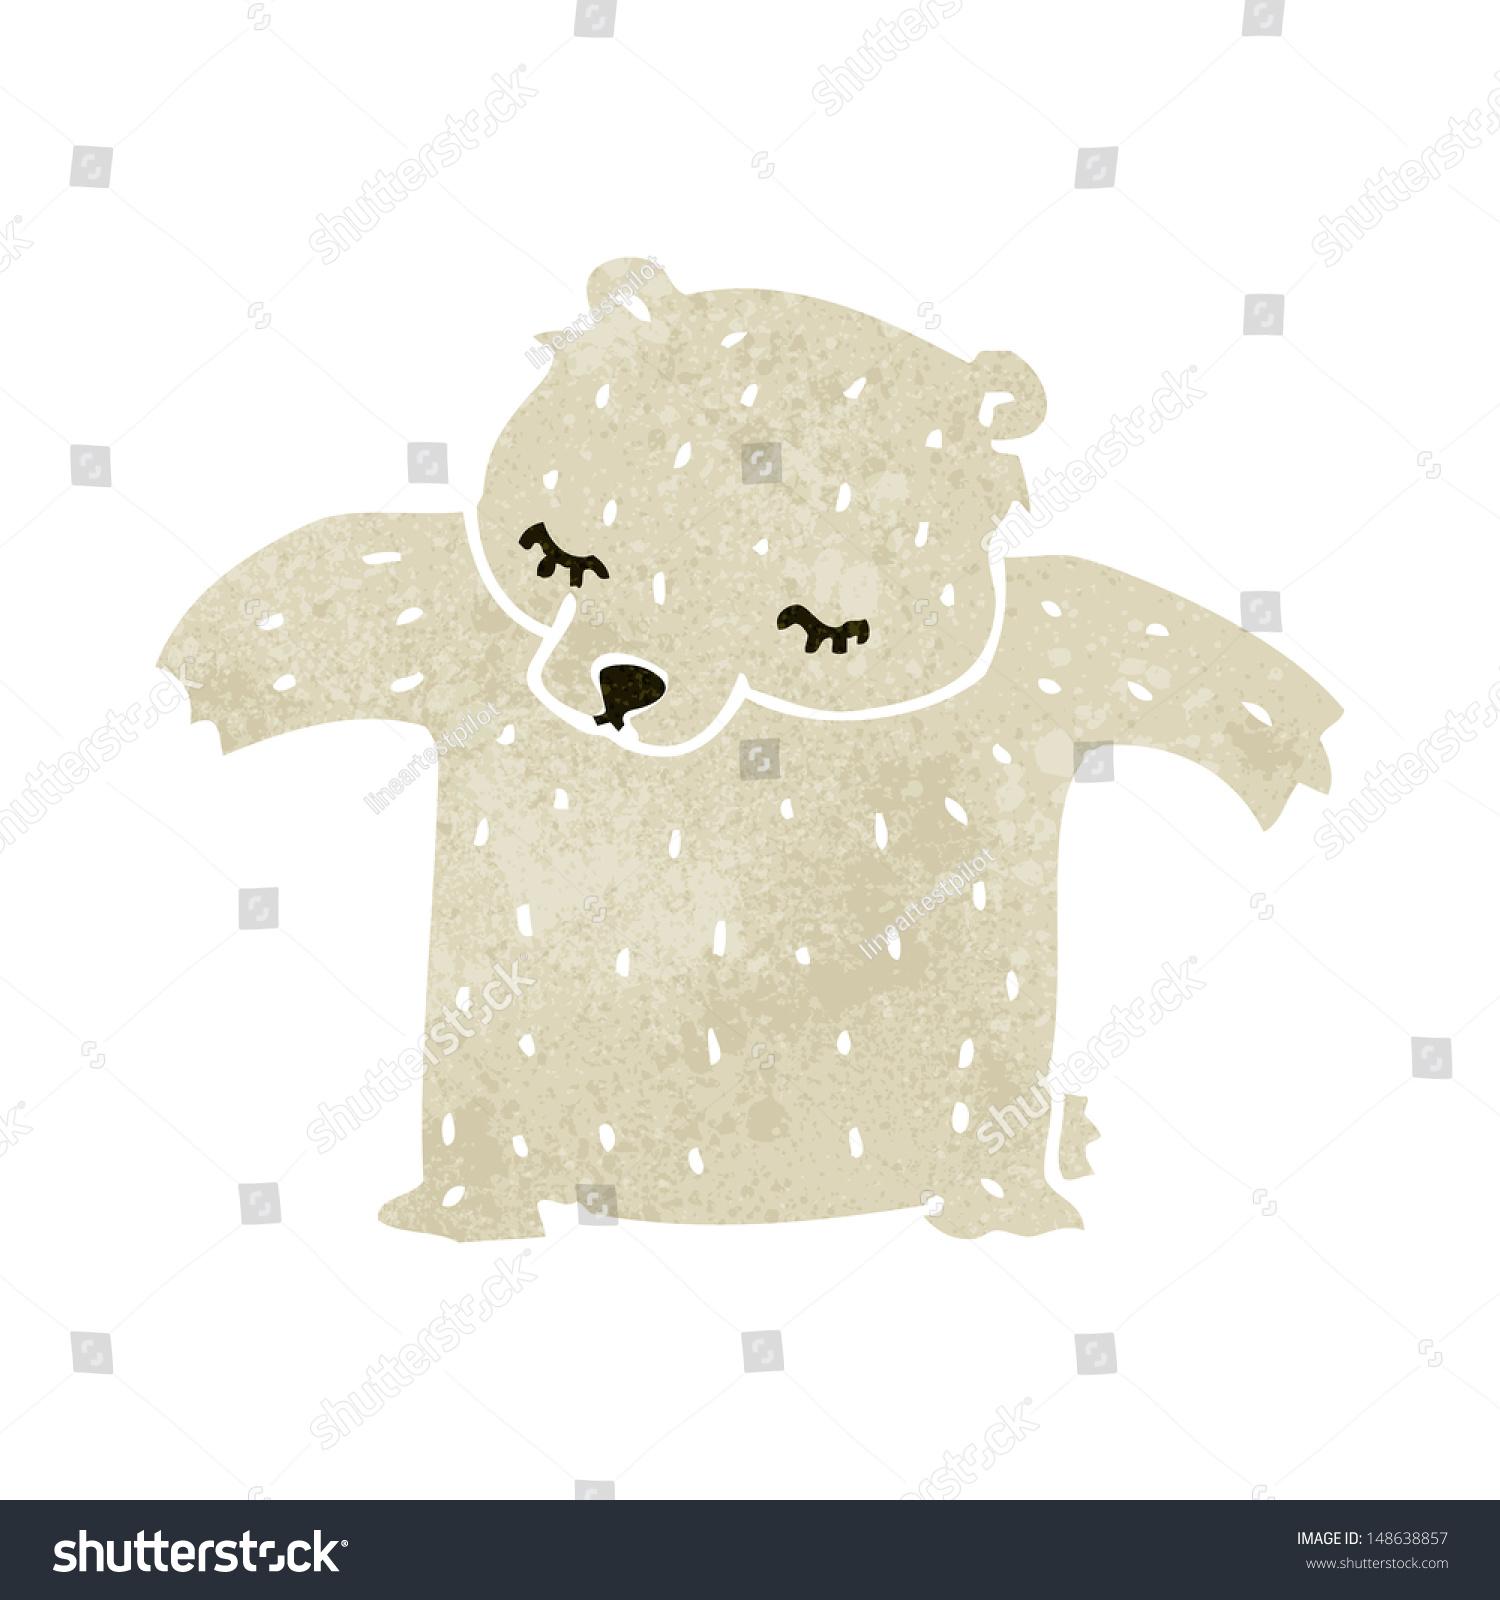 可爱的复古卡通北极熊-动物/野生生物-海洛创意()